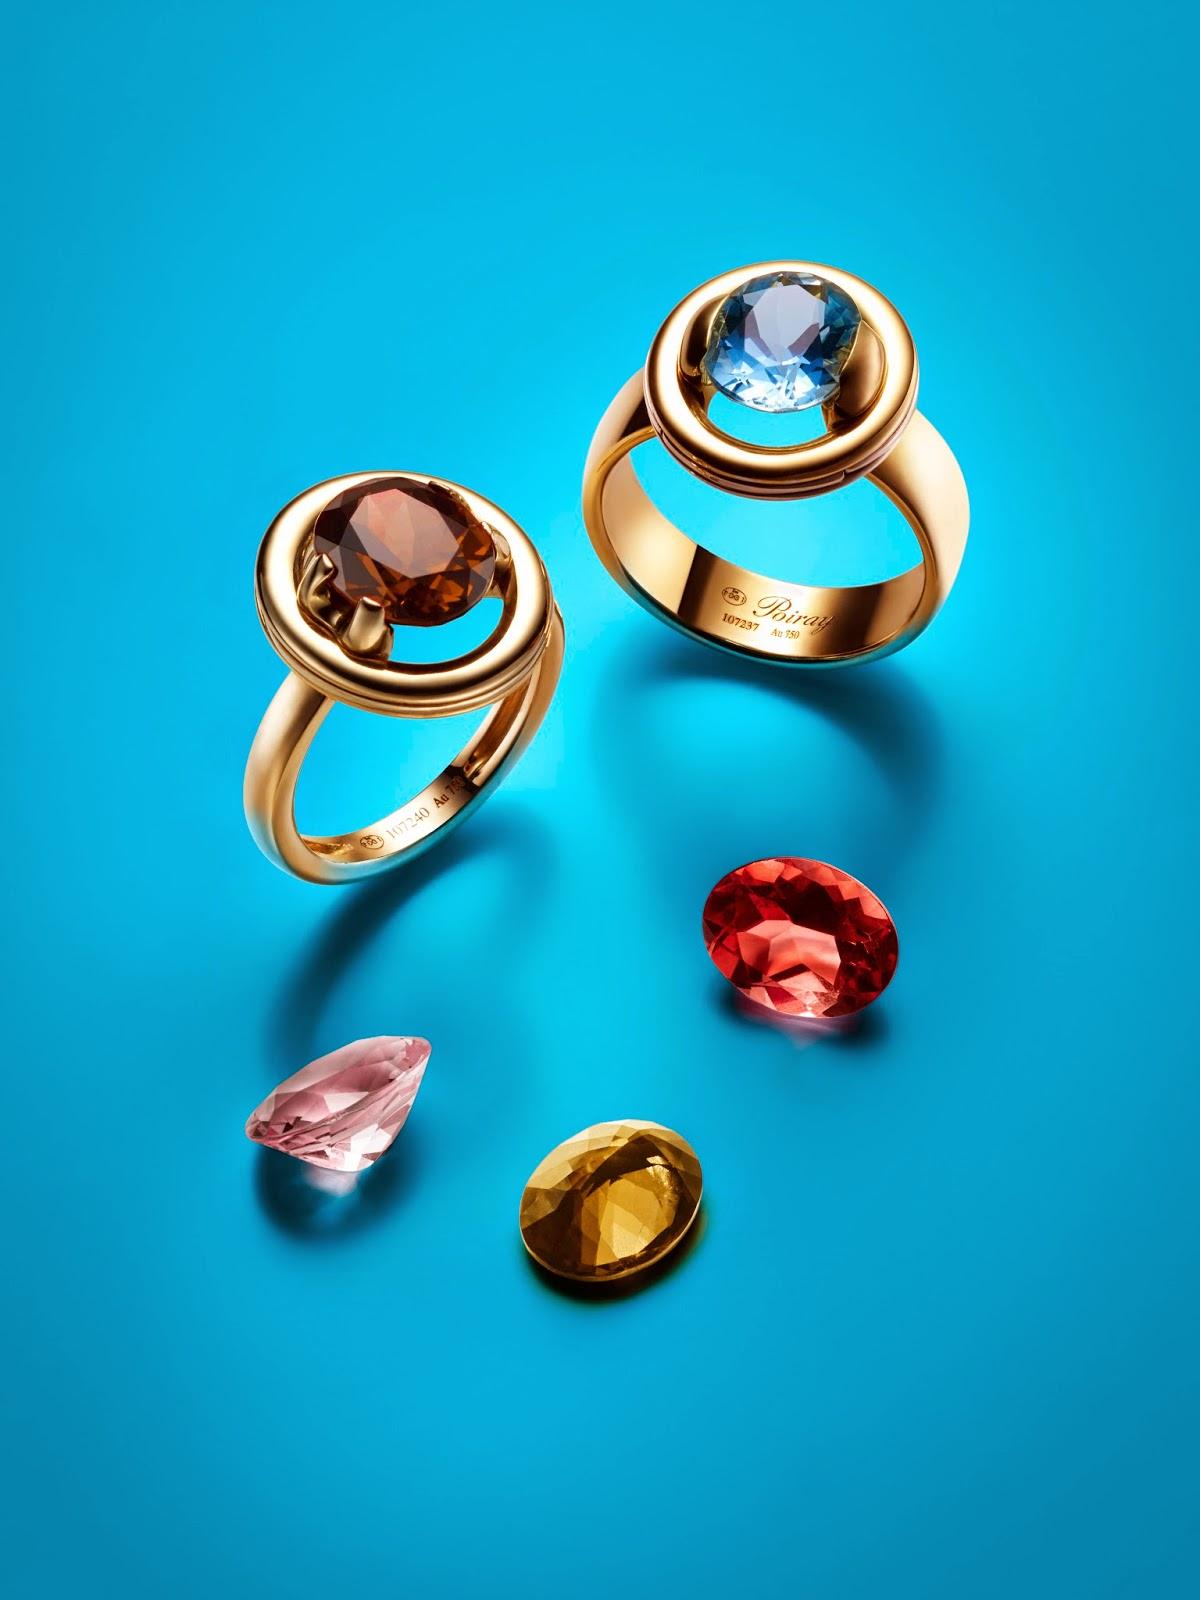 ... un corps de bague large ou fin, en or rose, blanc ou jaune, une pierre  fine facettée de forme ovale et un anneau réversible qui scelle le système. 40d132d8b13c